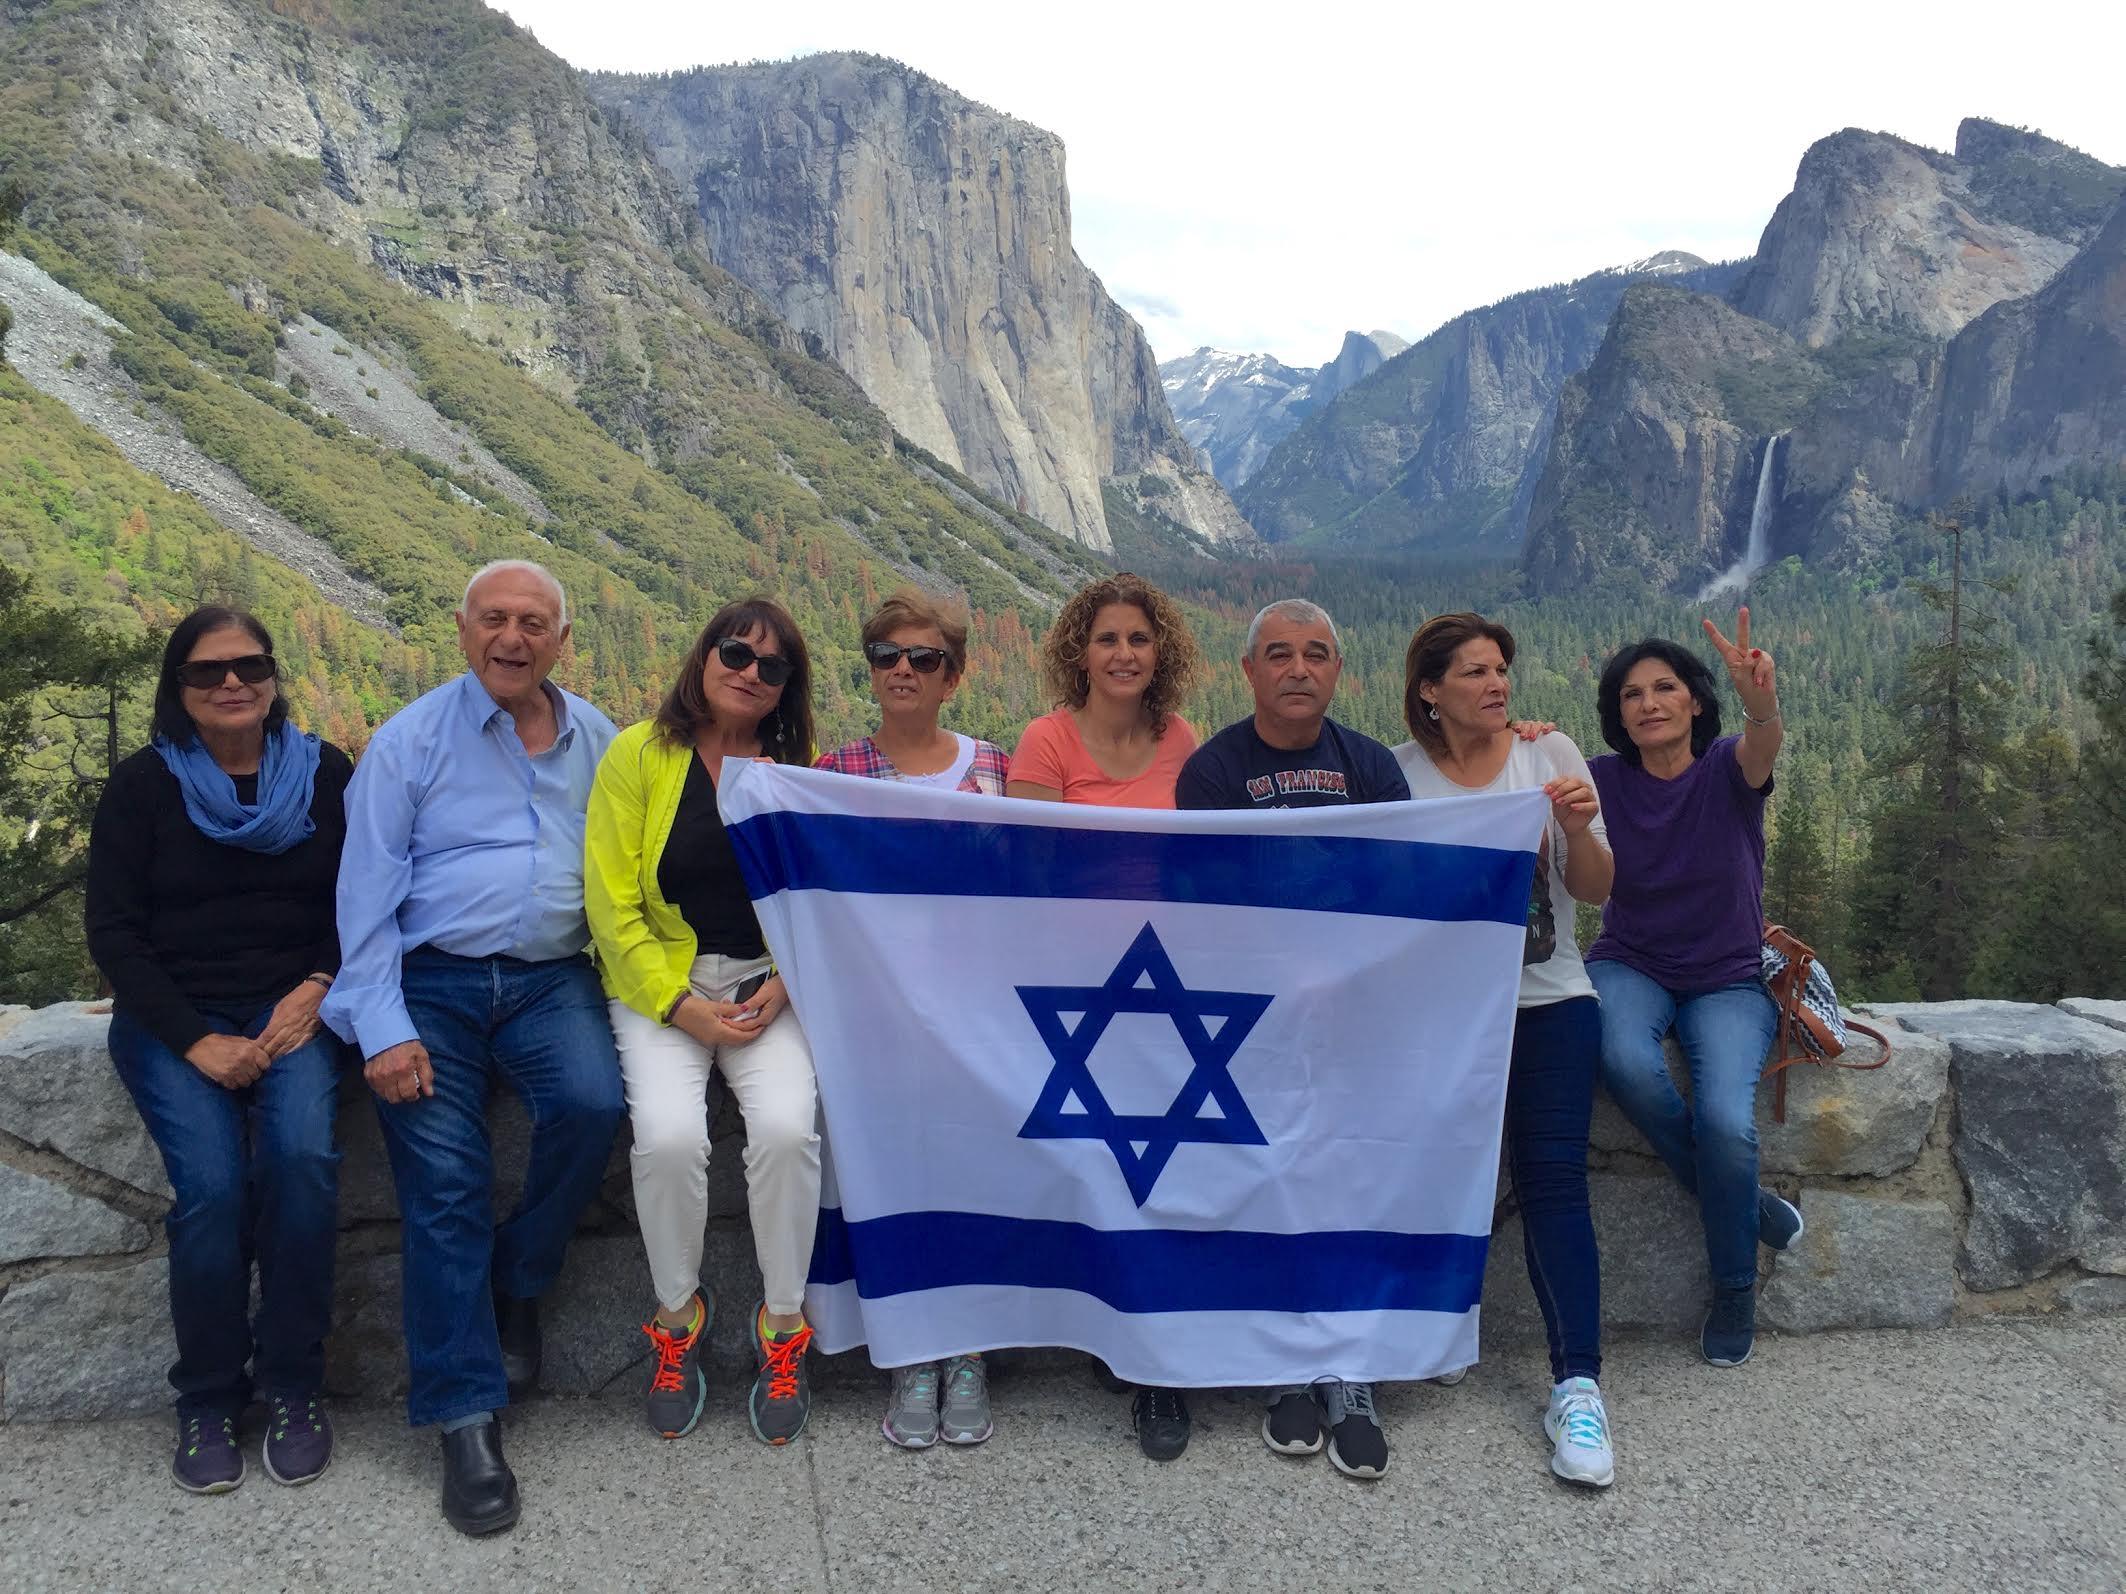 365 יום בשנה: ישראלים מטיילים בקליפורניה עם ׳מוטי טורס׳